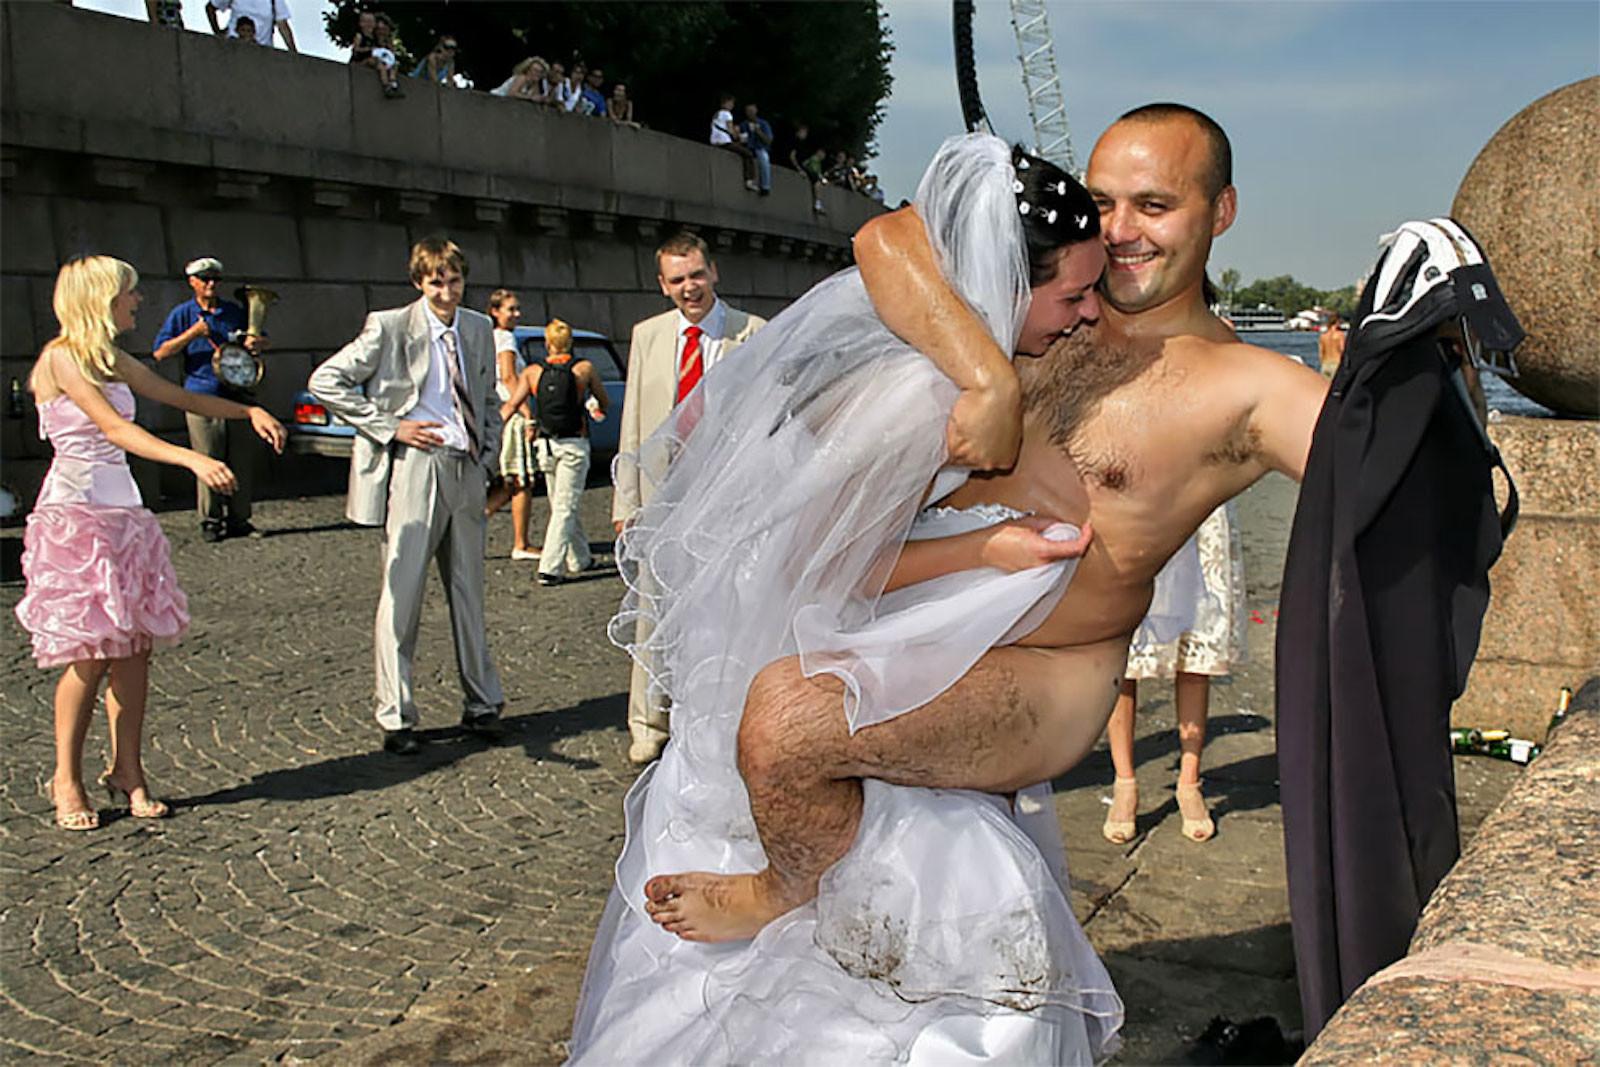 Телки на свадьбе фото, Свадебные засветы (44 фото) 14 фотография